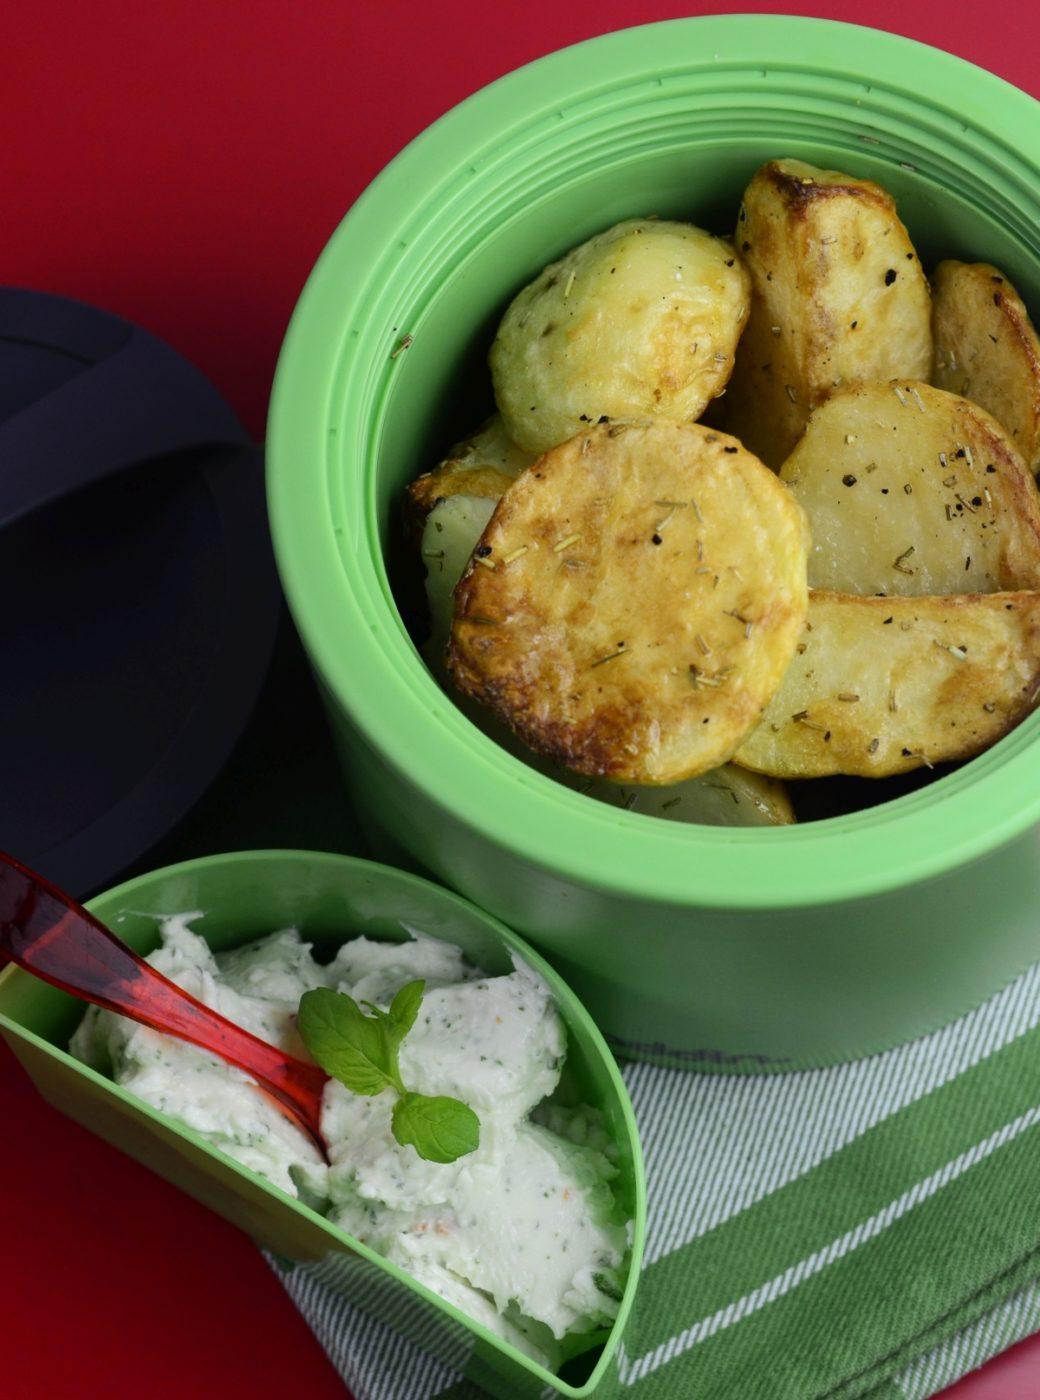 Pieczone ziemniaki z dipem z fety, mięty i chilli. Ziemniaki w lunchboxie, widok od góry.